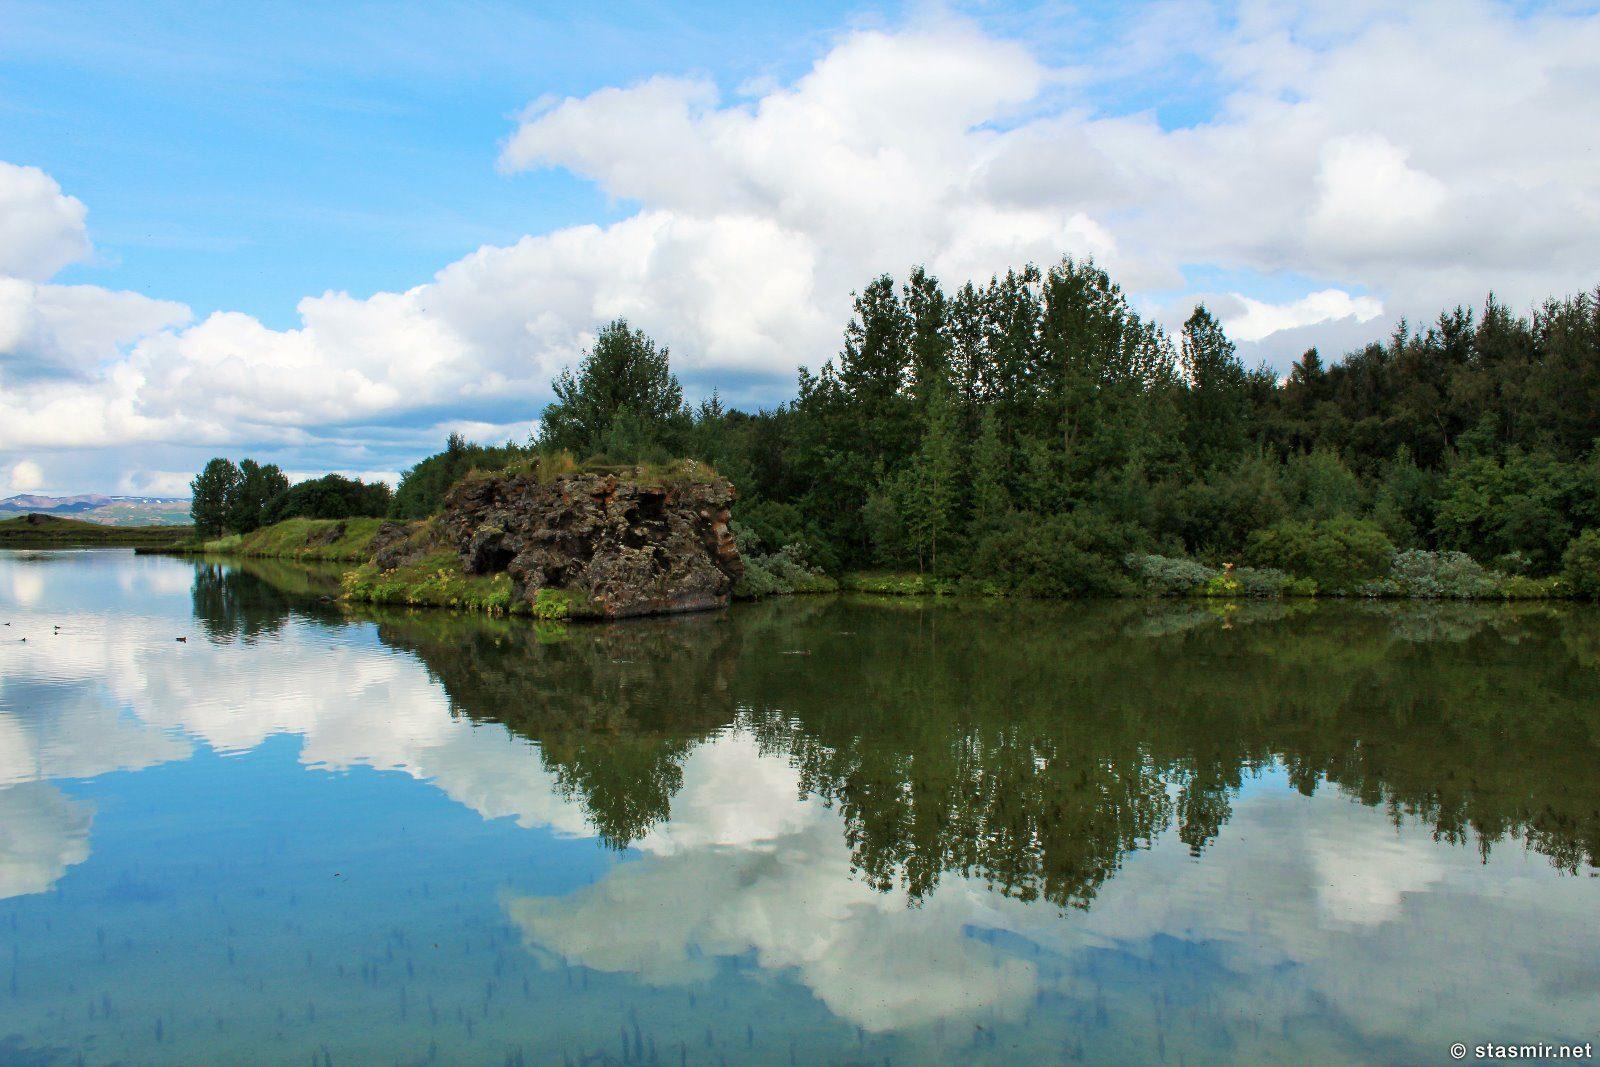 озеро Мюватн, Северная Исландия, Миватн, Брильянтовое кольцо Исландии, Хёфди, фото Стасмир, Photo Stasmir